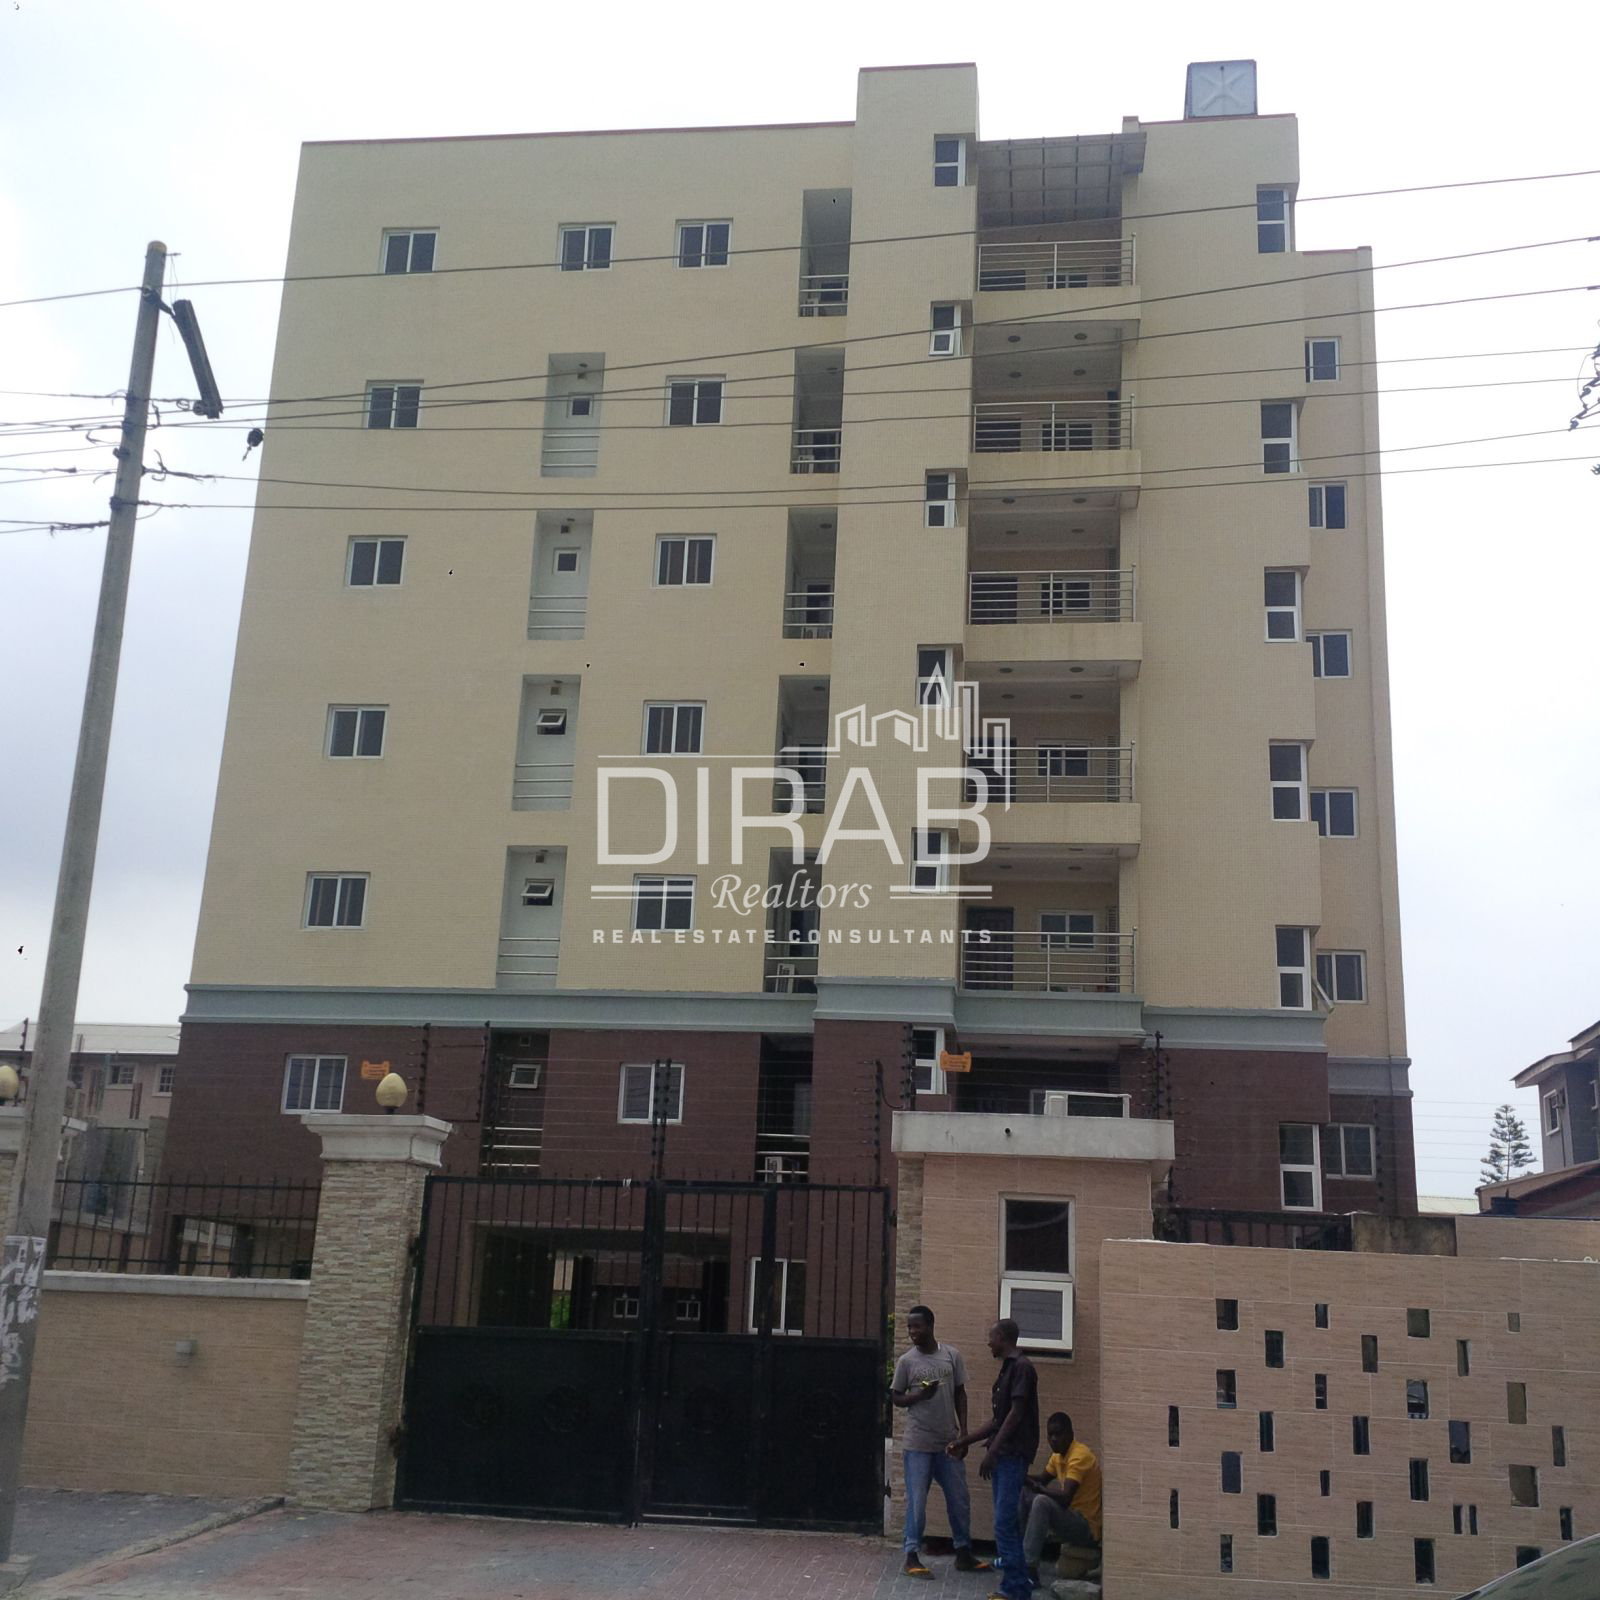 3 Bedroom Flats Lekki Dirab Realtors